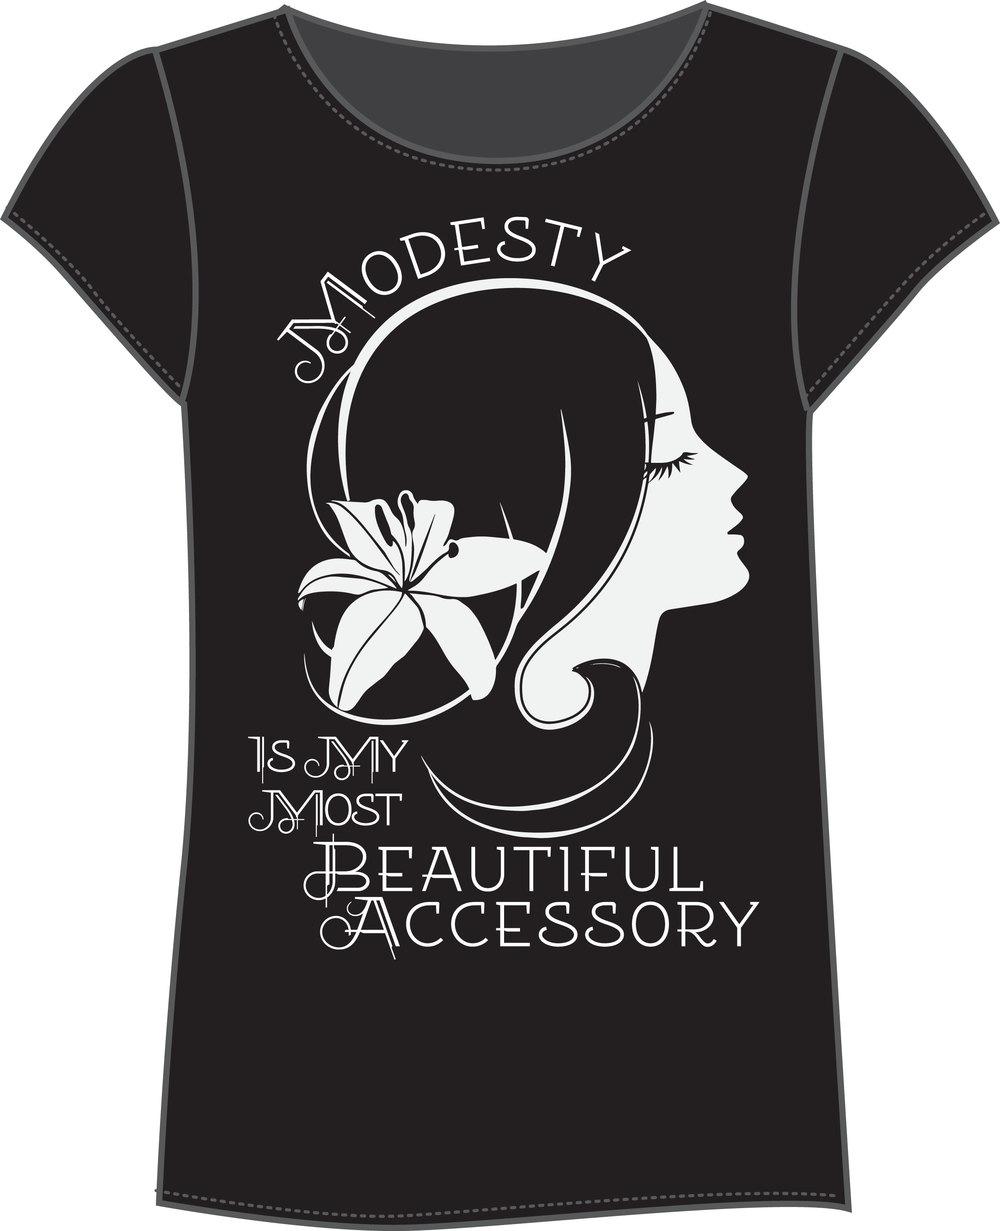 Eternal Princess. Modesty Tee.